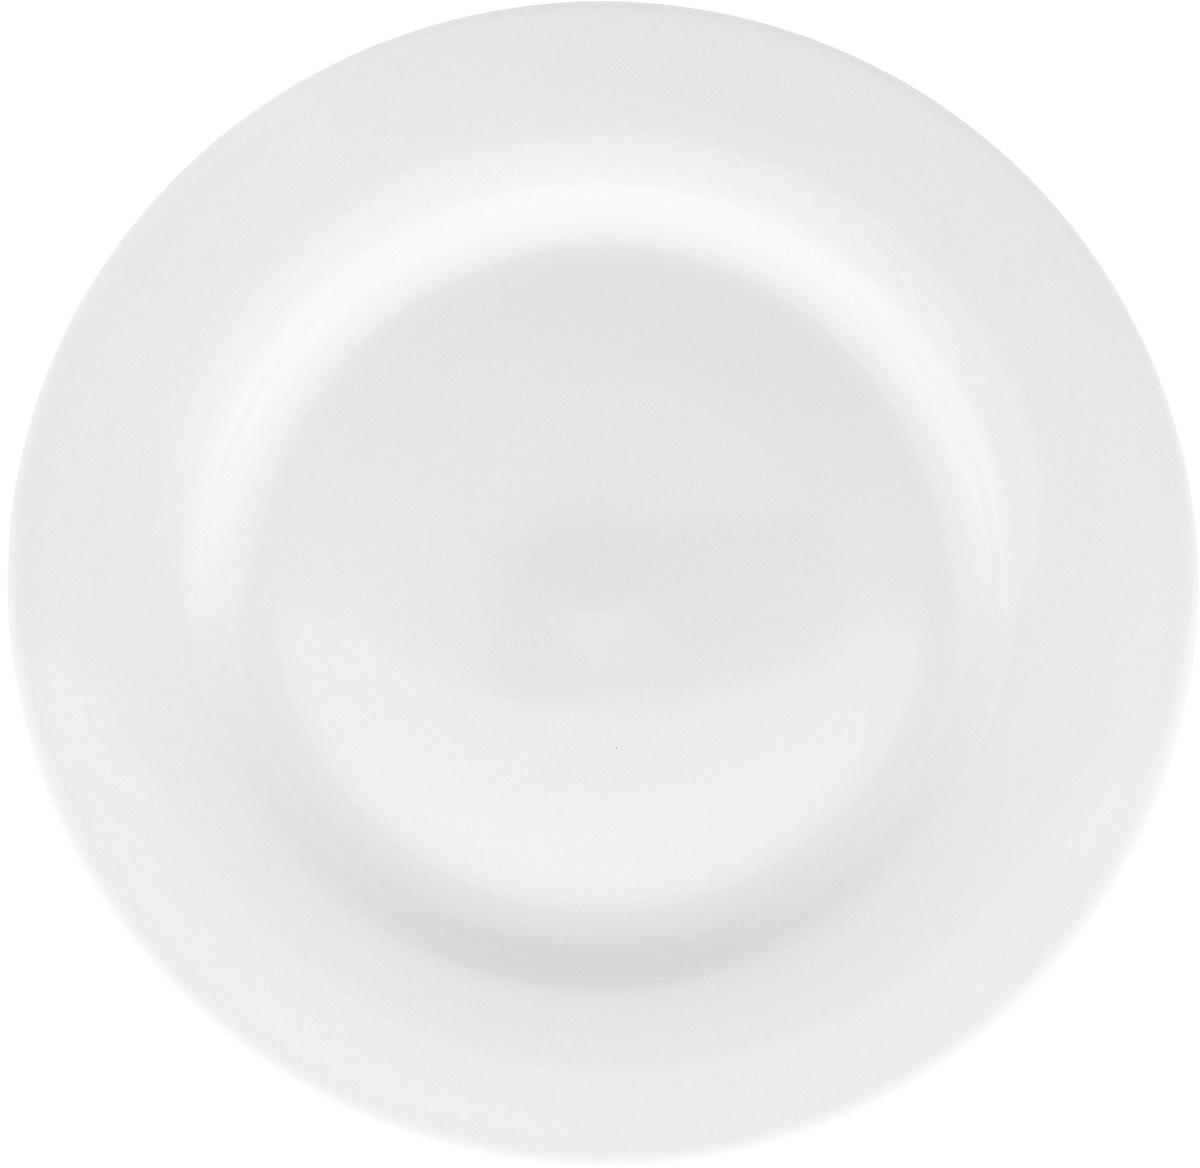 Тарелка Wilmax, диаметр 20 см54 009312Тарелка Wilmax, изготовленная из высококачественного фарфора, имеет классическую круглую форму. Оригинальный дизайн придется по вкусу и ценителям классики, и тем, кто предпочитает утонченность и изысканность. Тарелка Wilmax идеально подойдет для сервировки стола и станет отличным подарком к любому празднику.